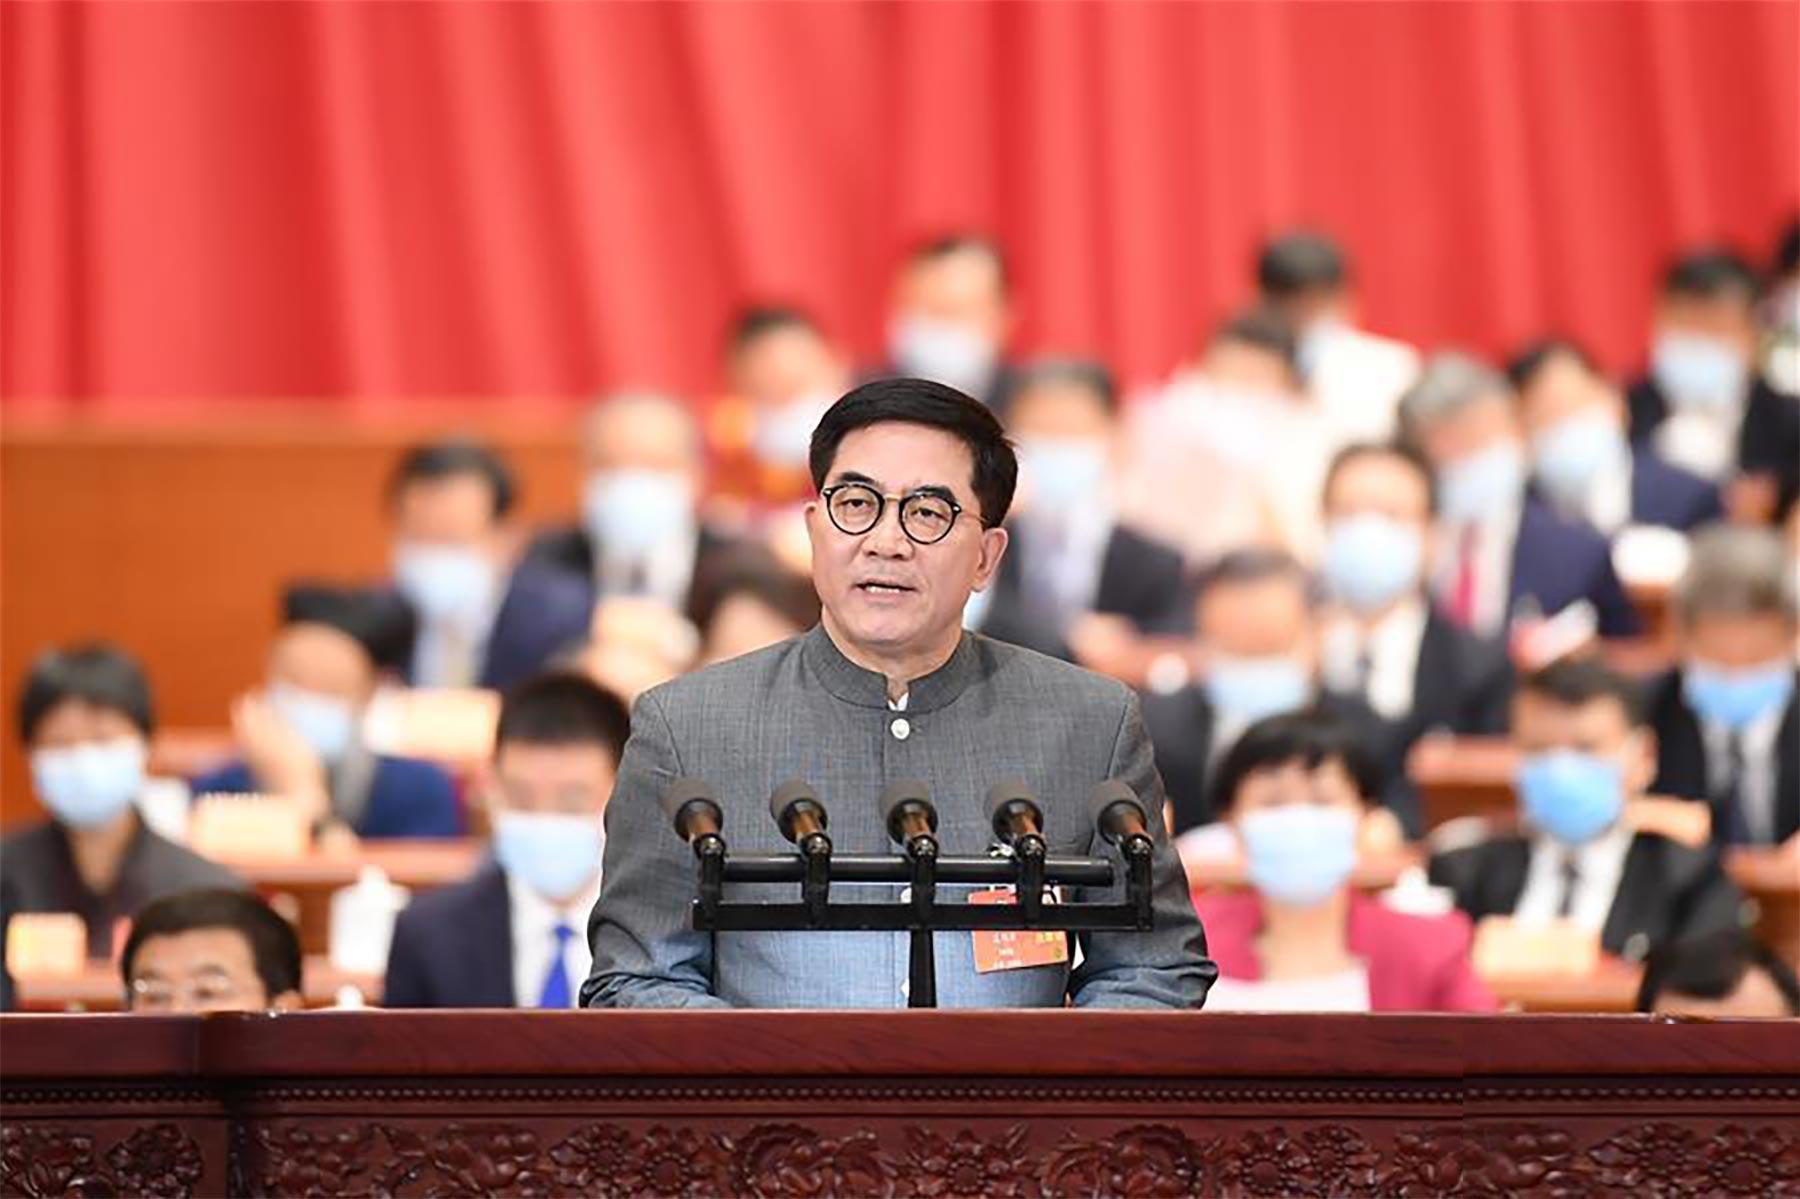 葛均波委员代表九三学社中央作大会发言。 新华社记者 燕雁 摄